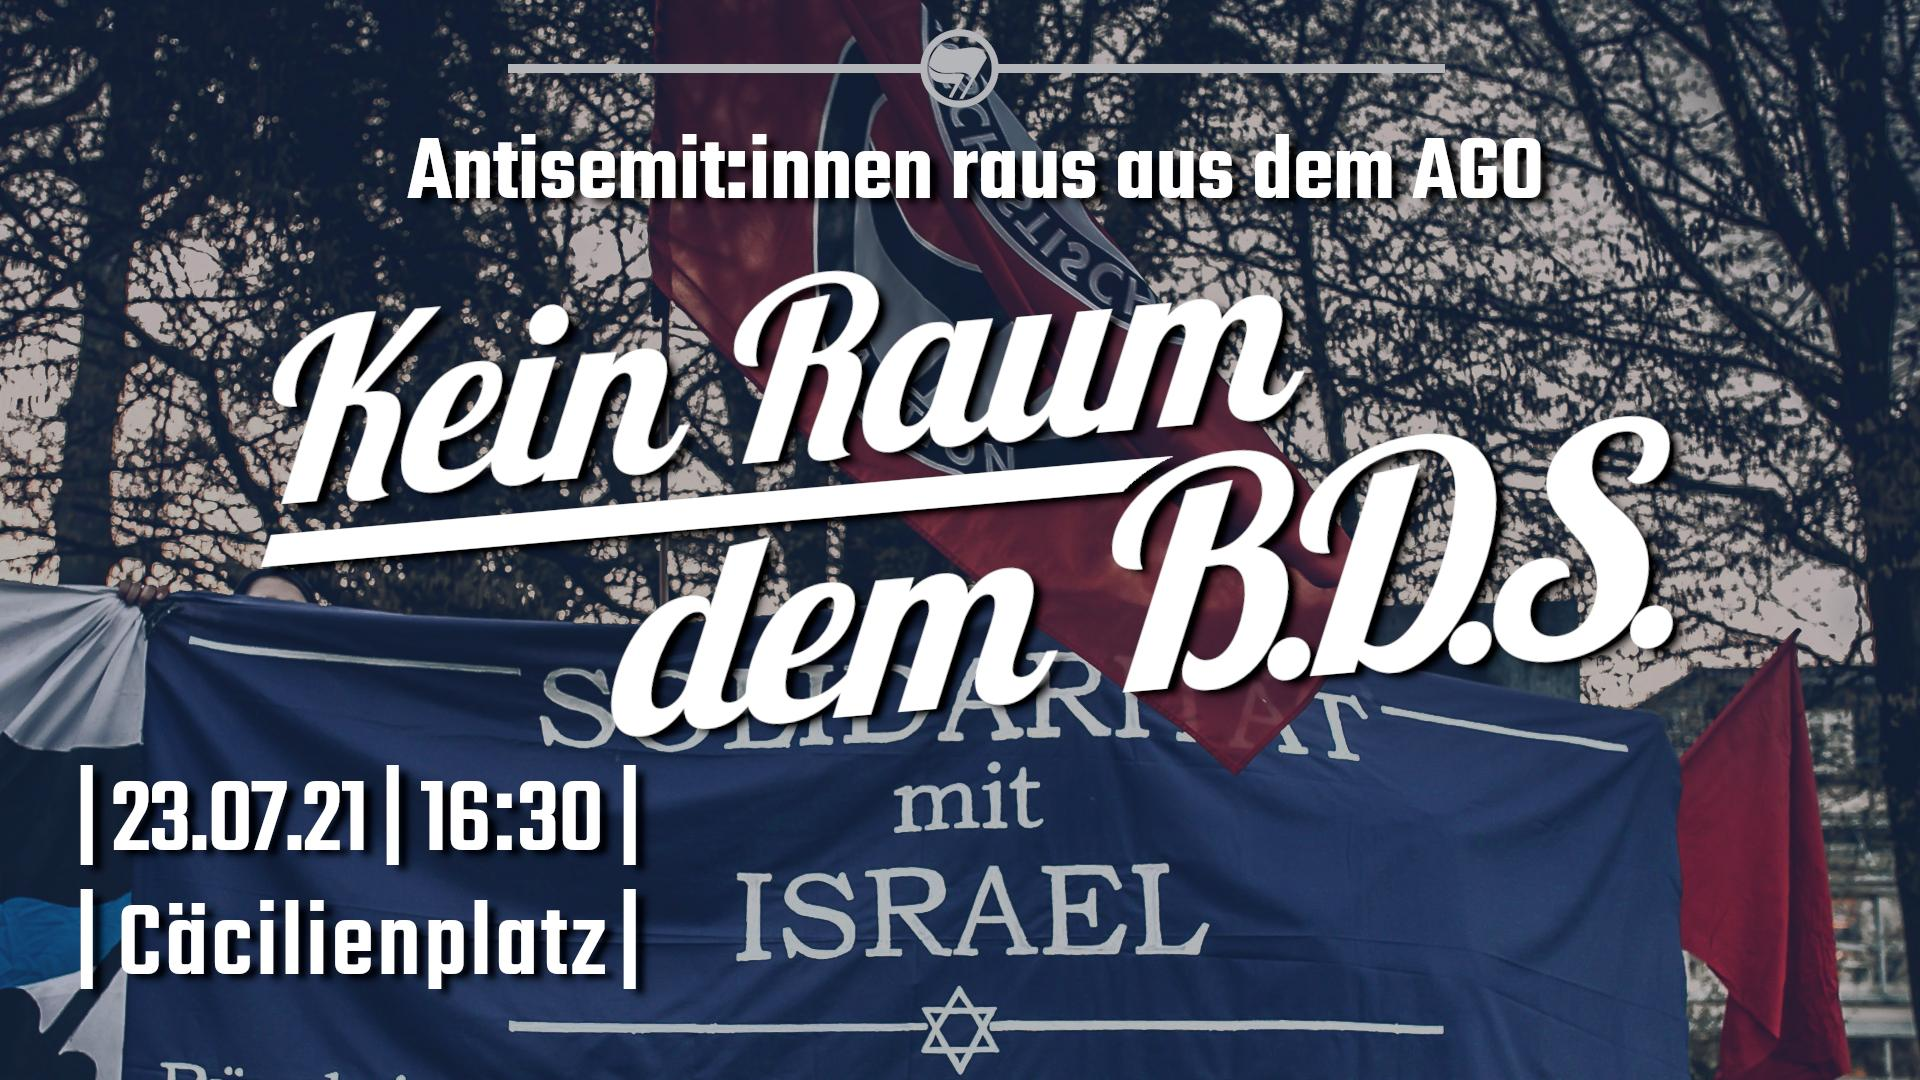 """Auf dem Bild ist ein blaues Transparent mit der Aufschrift """"Solidarität mit Israel"""", sowie mehrere Antifa-Fahnen zu sehen. Darüber steht der Text """"Antisemit:innen raus aus dem AGO - Kein Raum dem BDS"""" und """"23.07.21, 16:30 Uhr, Cäcilienplatz""""."""